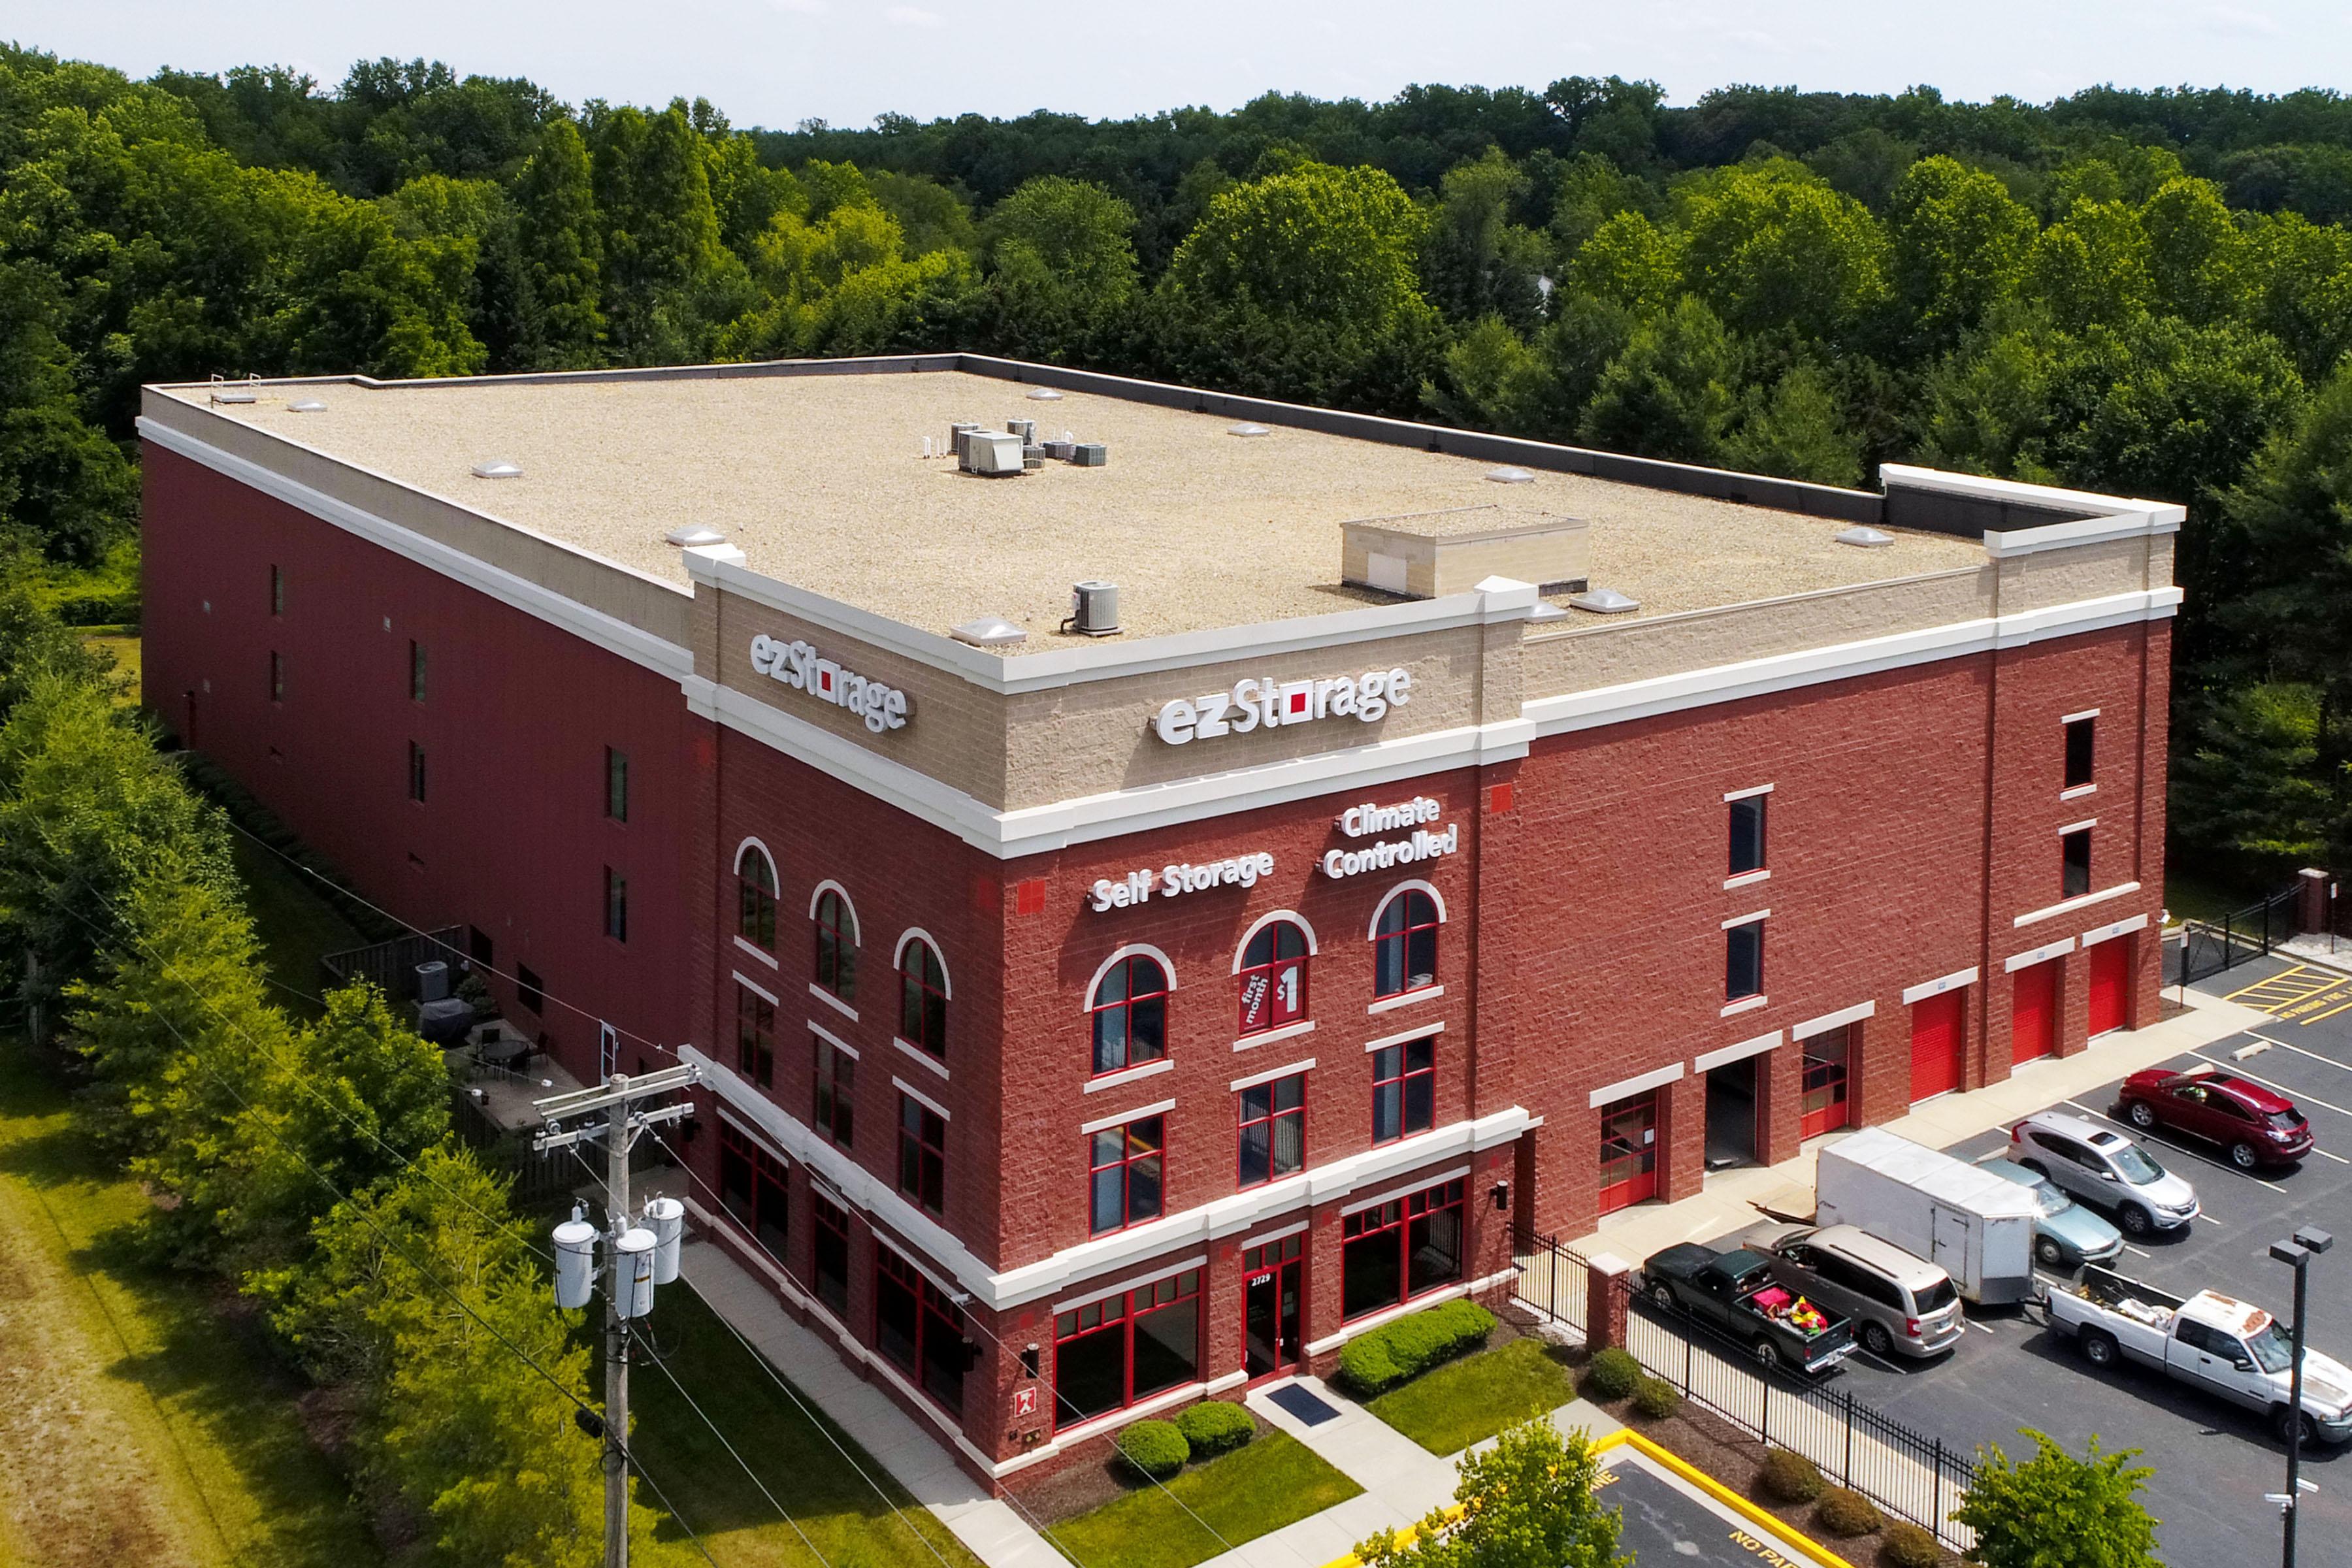 Ezstorage Edgewater Maryland Md Localdatabase Com & Self Storage Units Edgewater Md u2013 PPI Blog